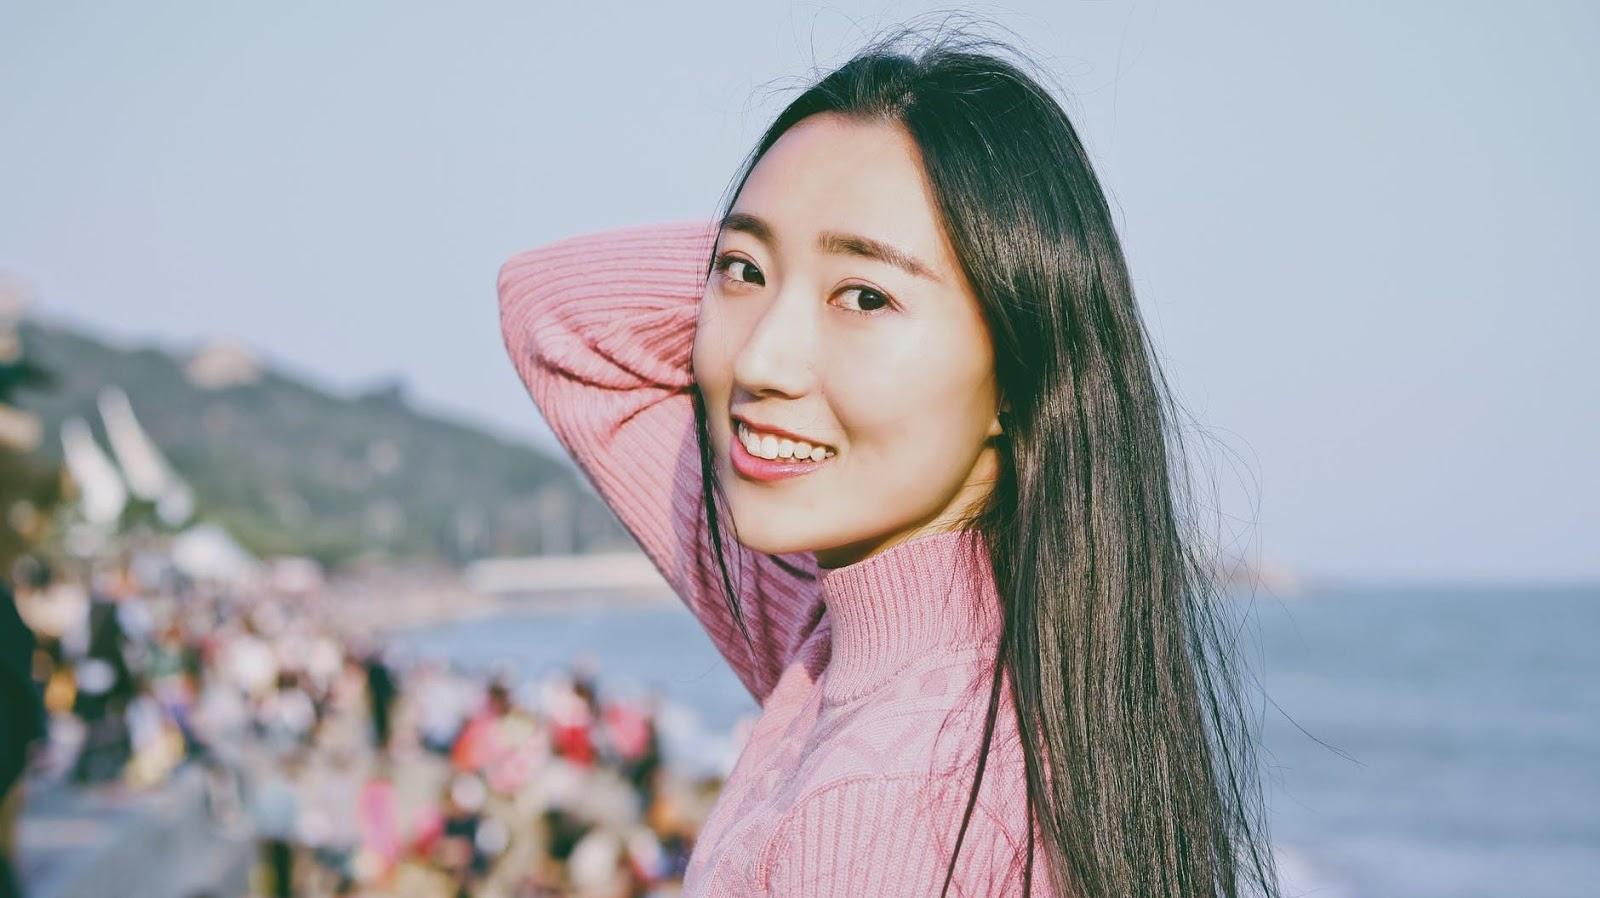 chăm sóc da cô gái tóc dài áo hồng bên bãi biển